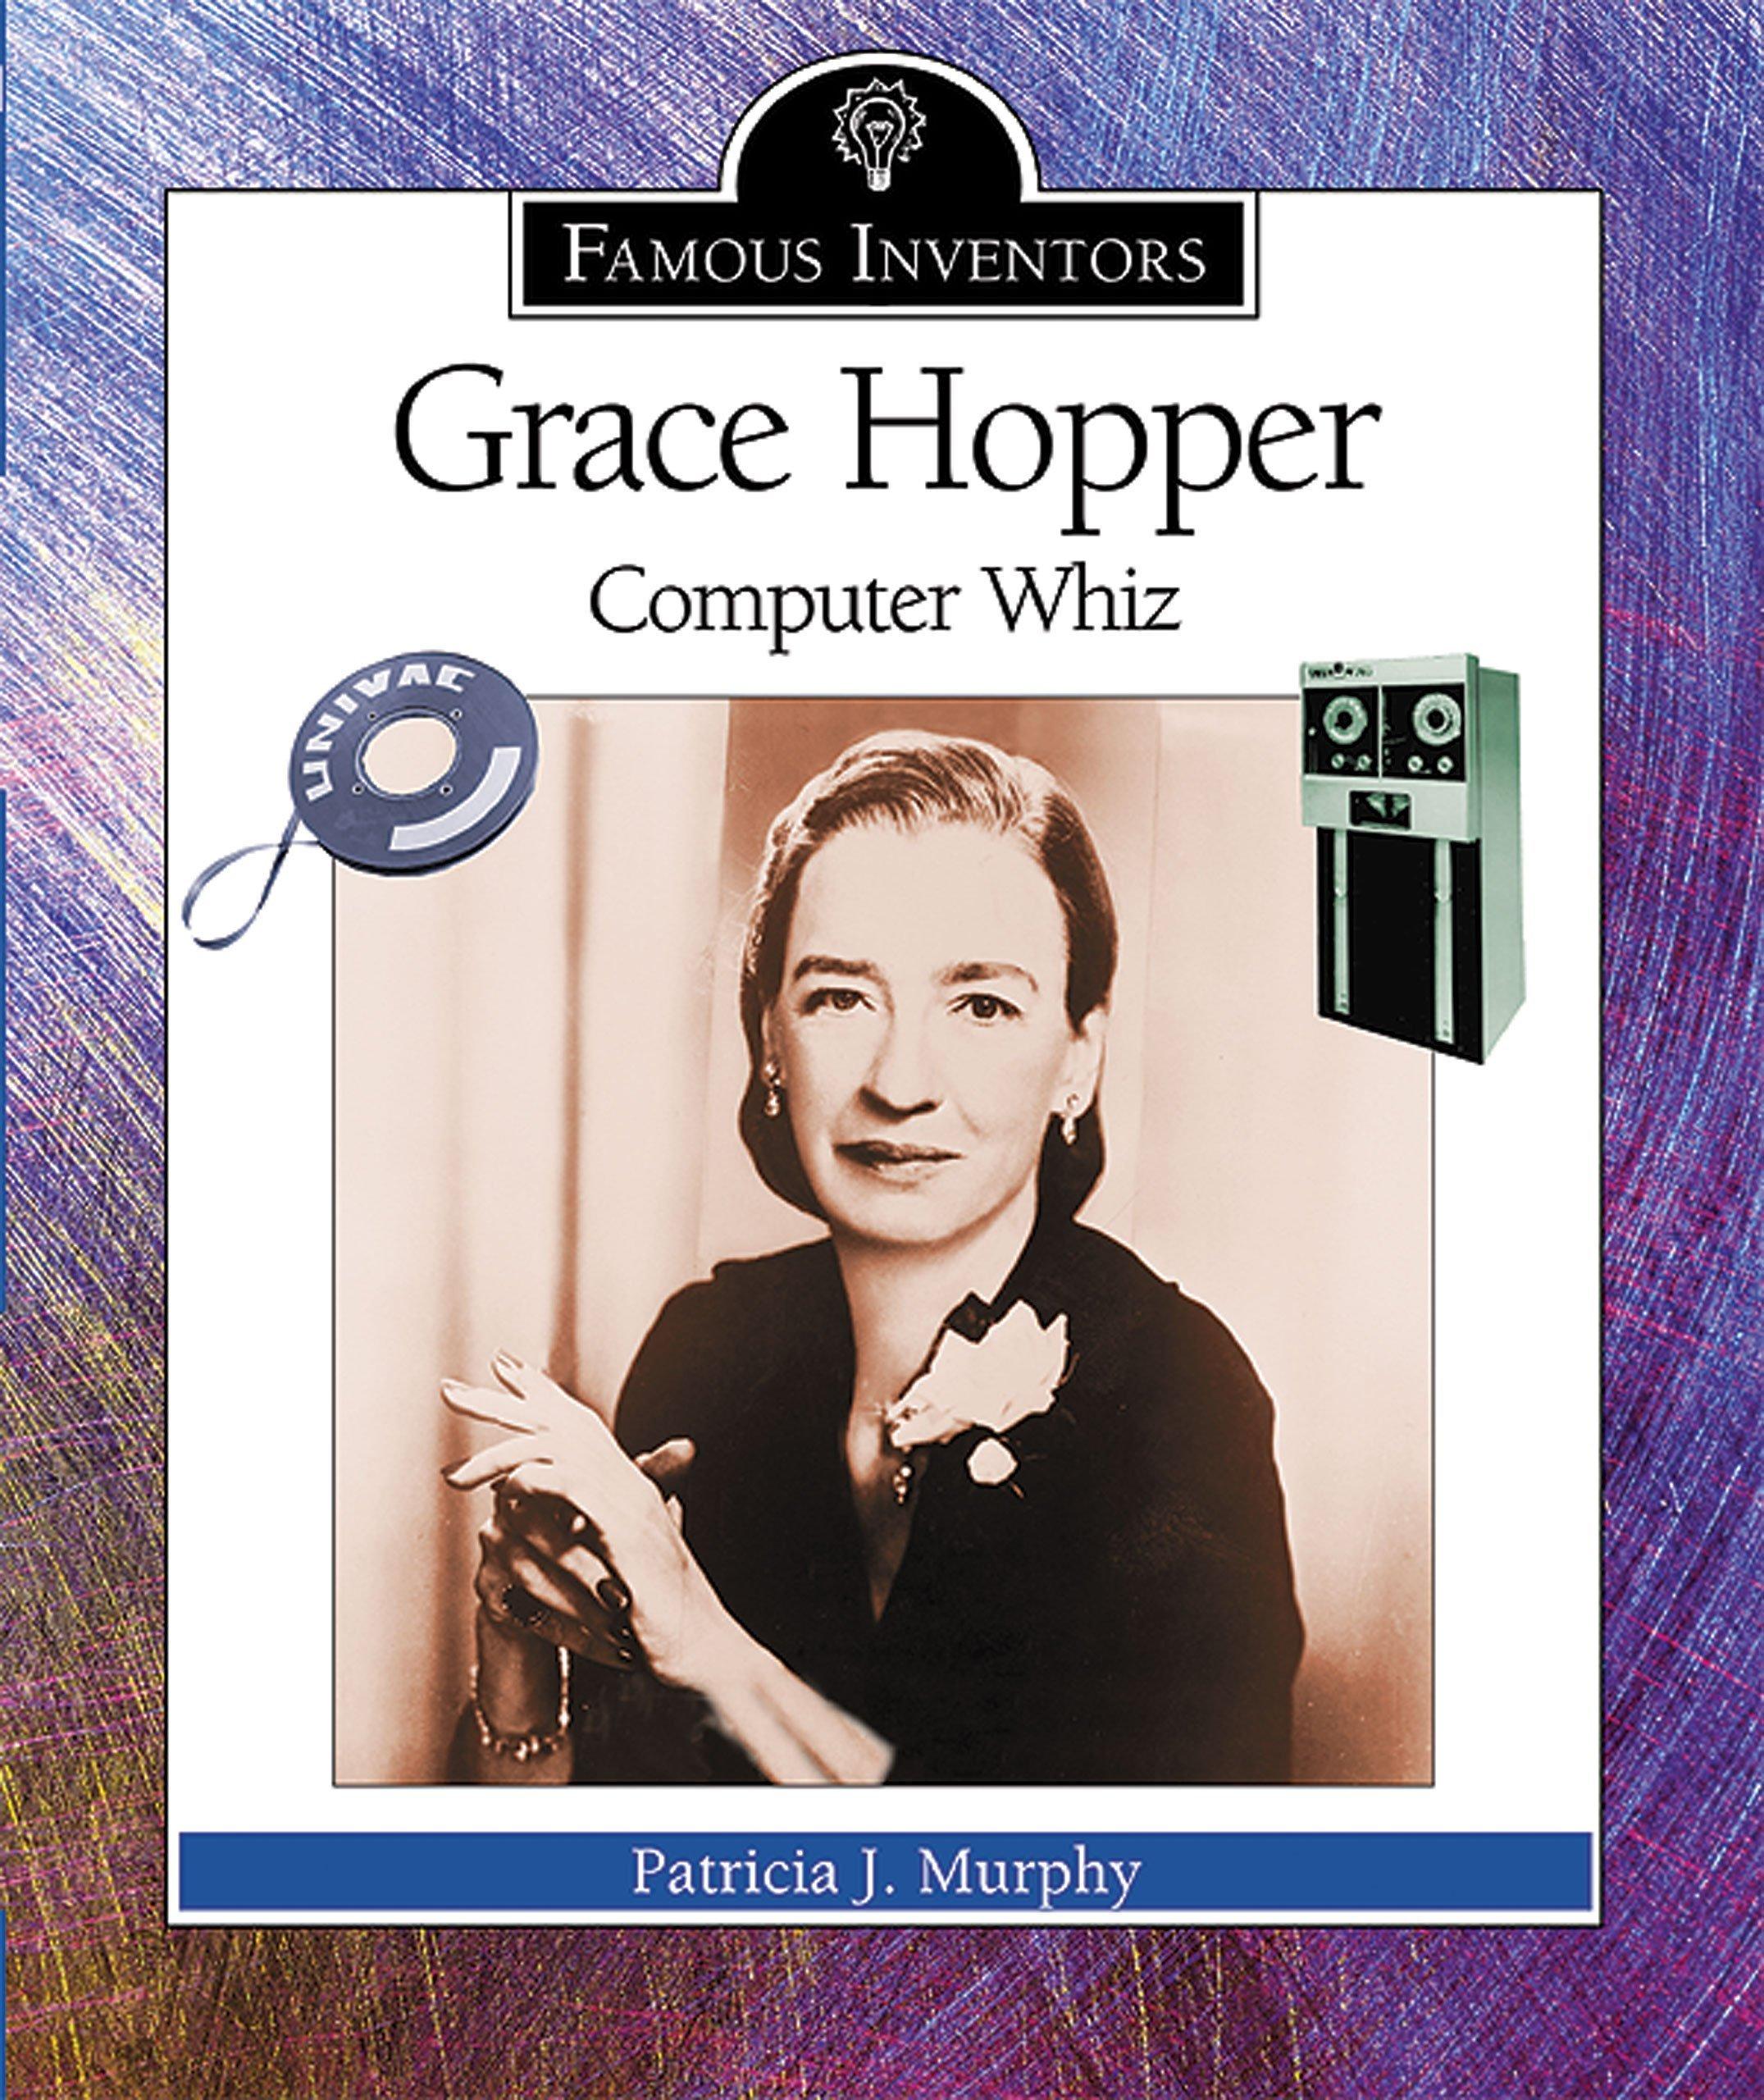 Grace Hopper: Computer Whiz (Famous Inventors)